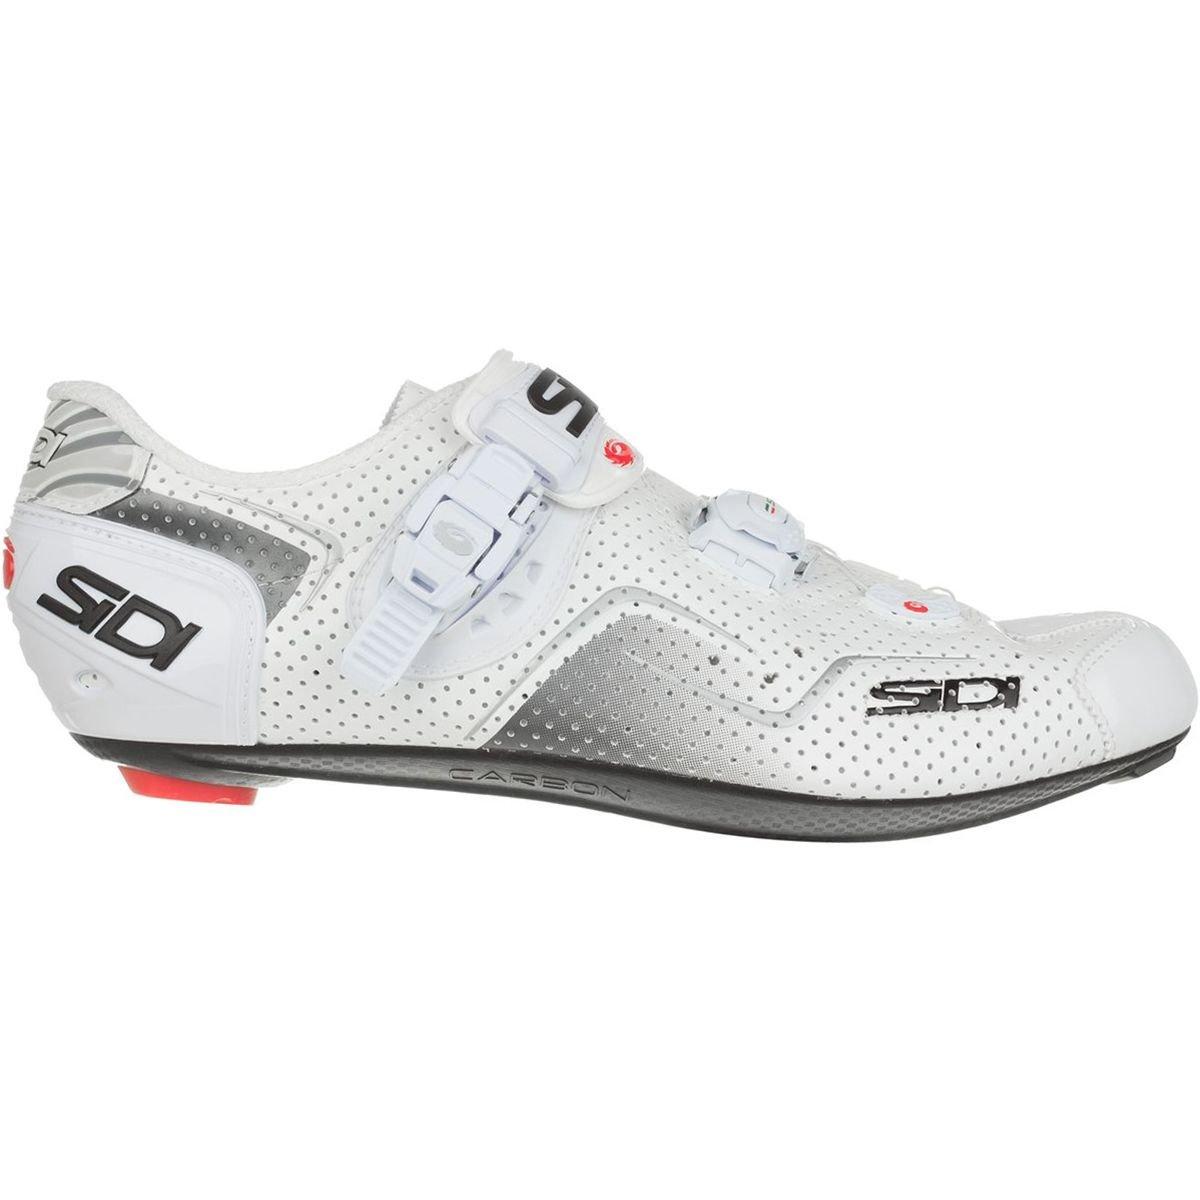 お歳暮 (シディ) Air Sidi Kaos (シディ) Air Carbon Shoes メンズ Kaos ロードバイクシューズWhite [並行輸入品] 日本サイズ 25cm (39) White B07G77HN6R, セイノーエコ:af7bc830 --- by.specpricep.ru